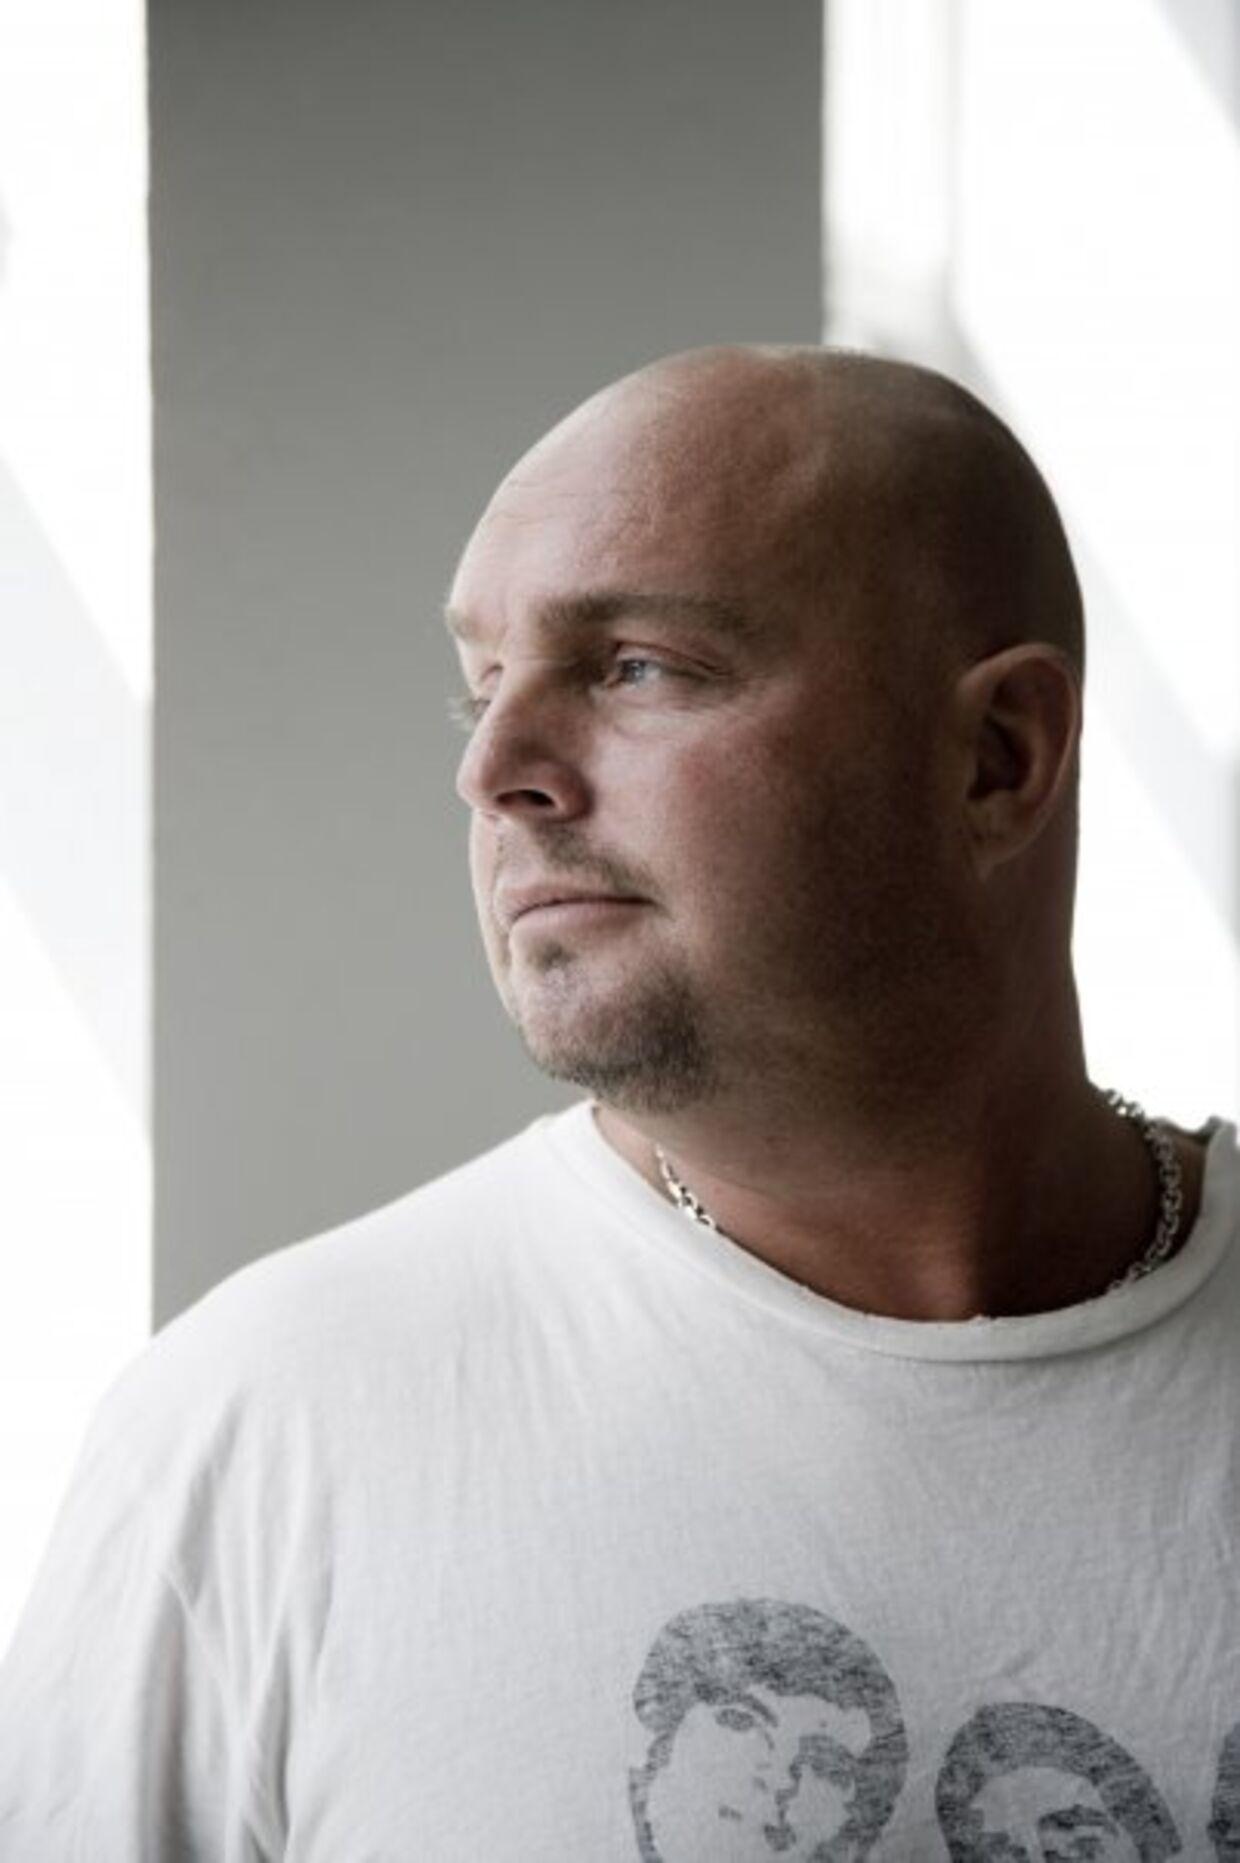 Ditlev Traasdahl Madsen kender til følelsen af at være en mand, der har en spiseforstyrrelse.